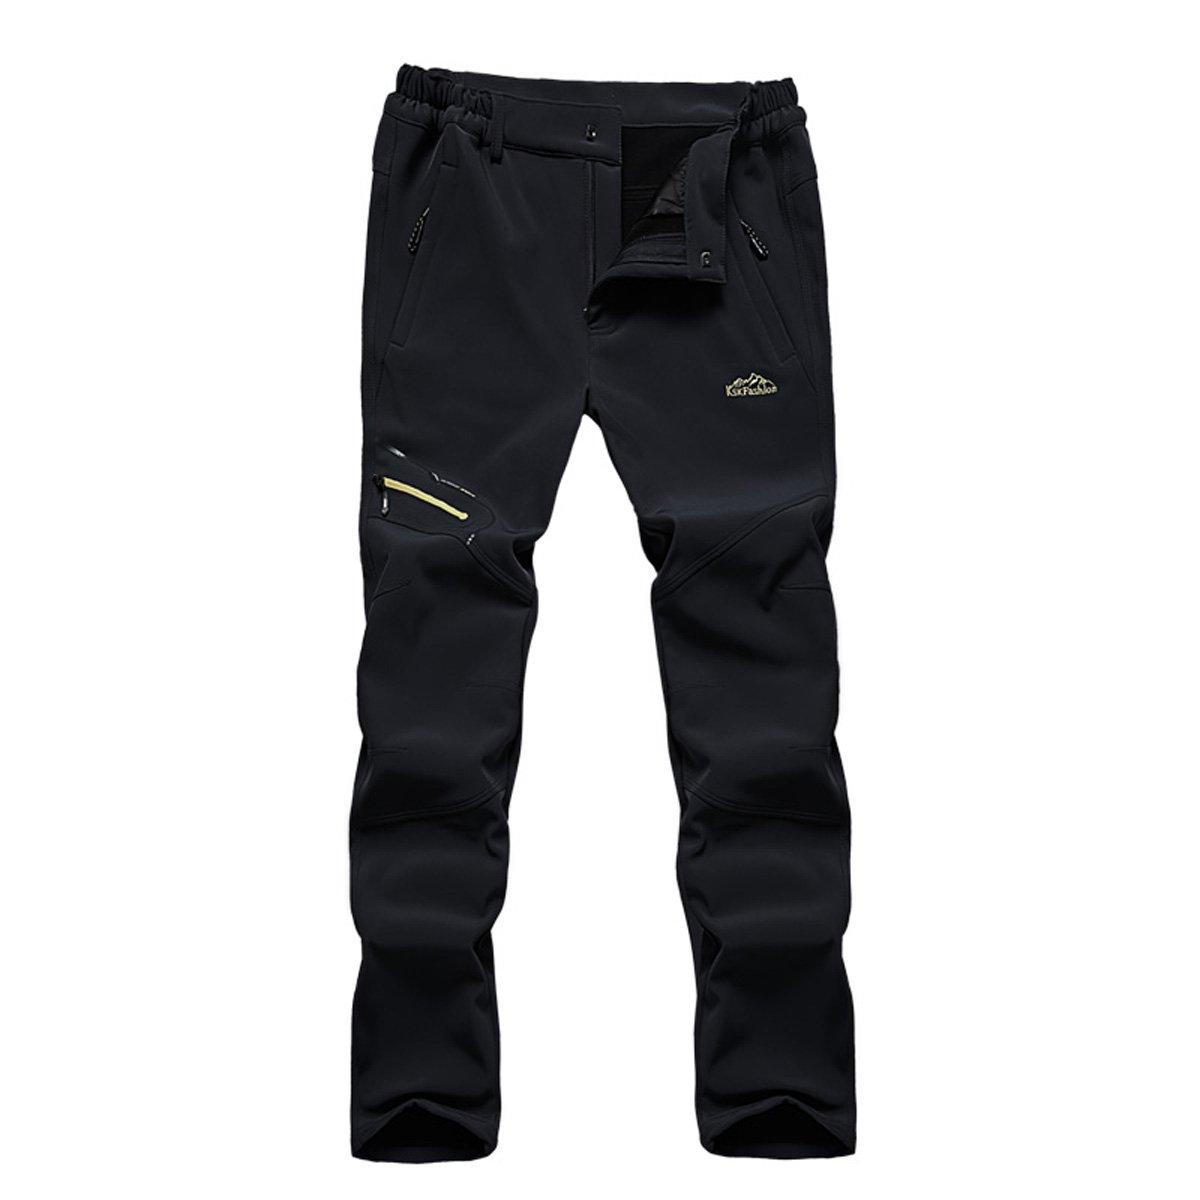 BUAAM Men's/Women's Winter Outdoor Softshell Fleece Layer Windbreaker Pants 15YT026